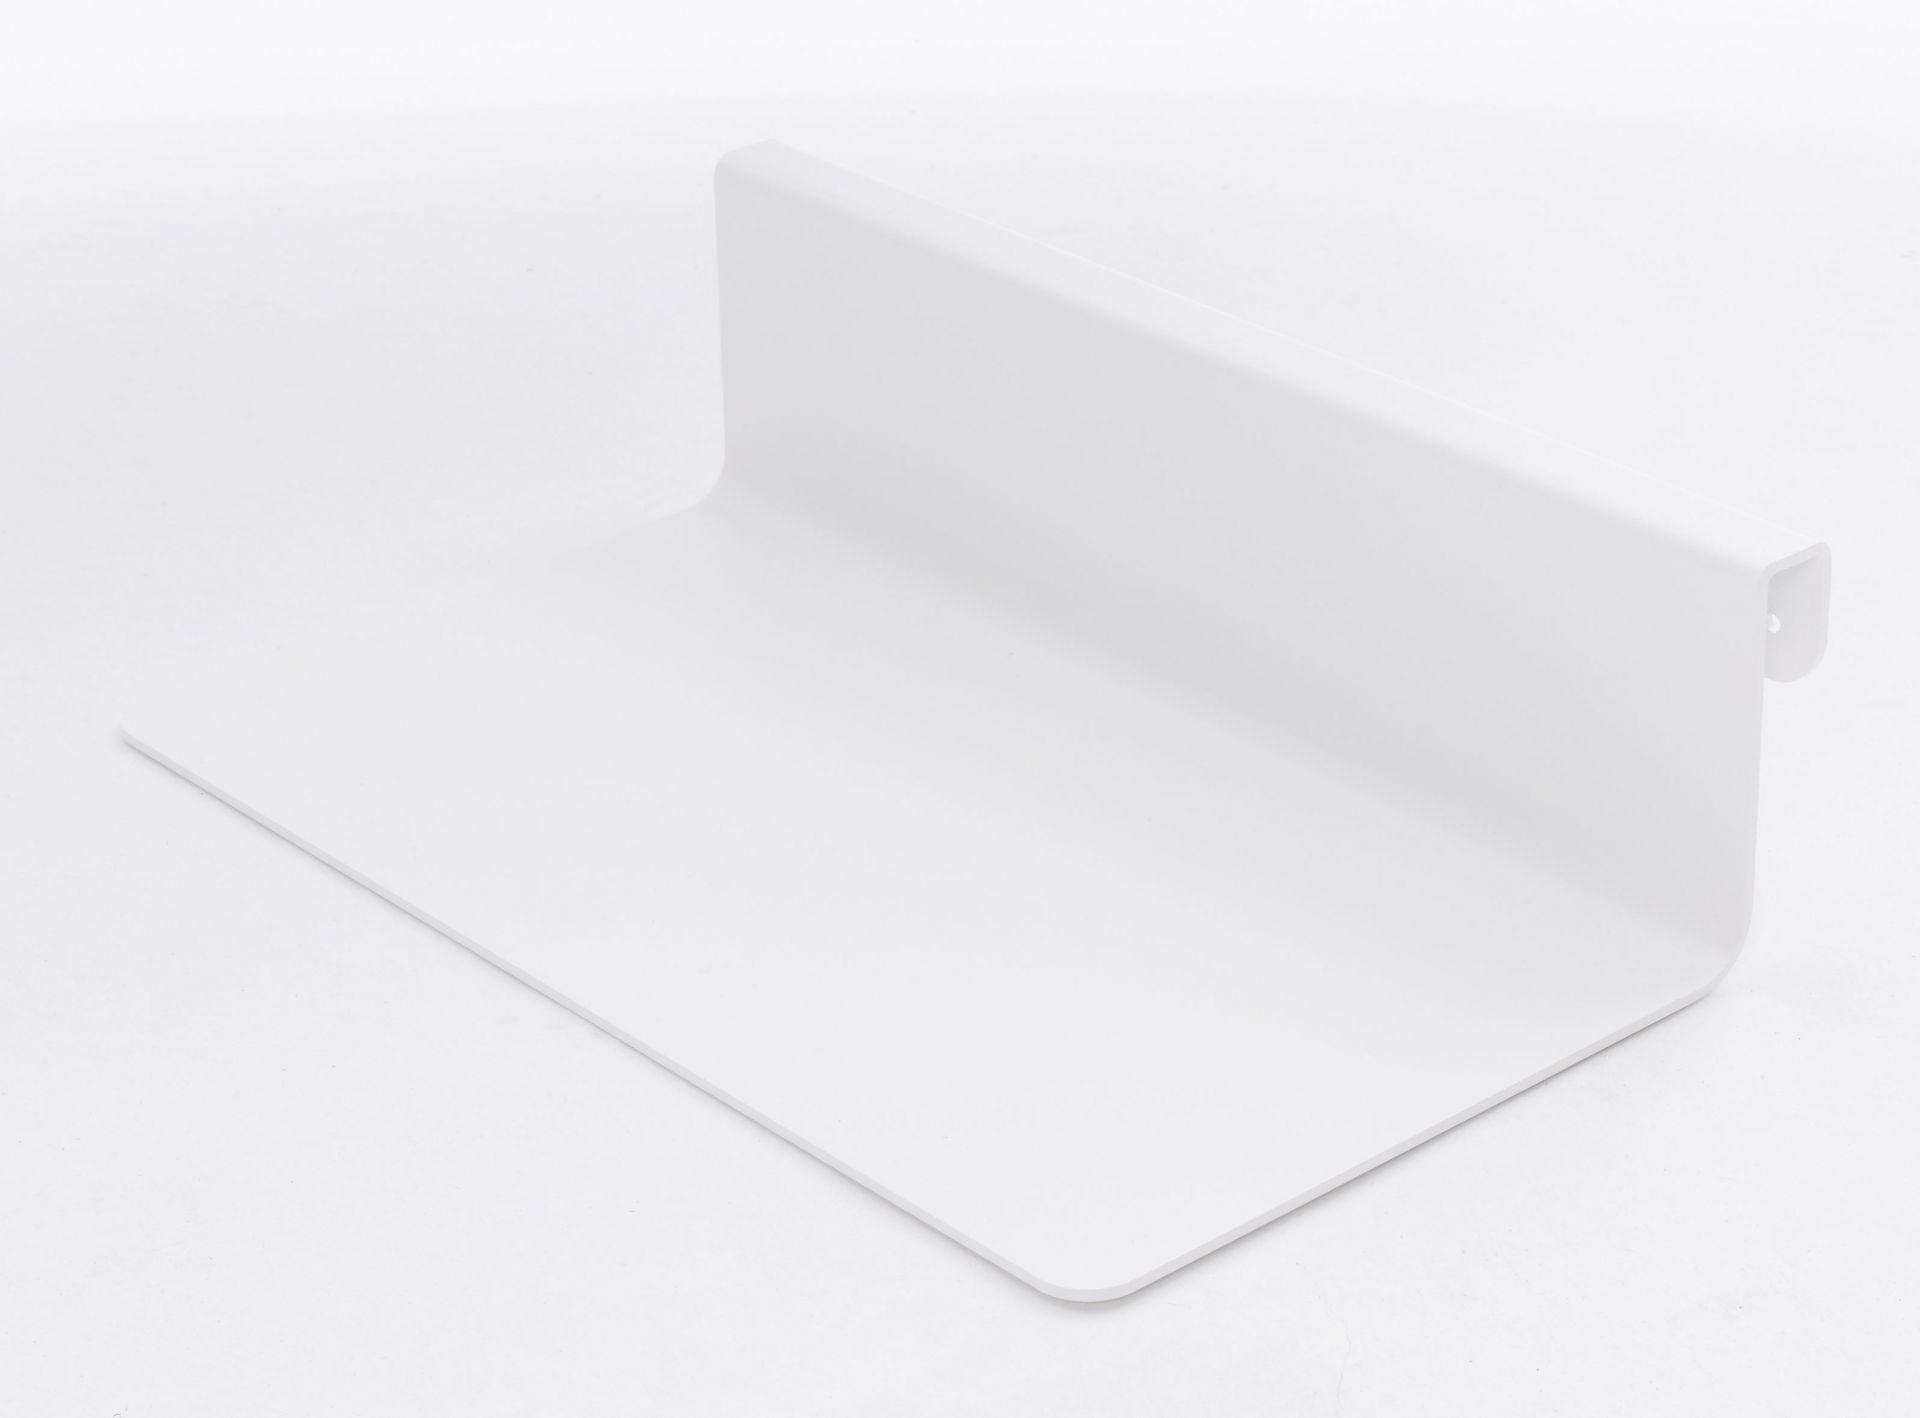 Nachttischablage Weiß für Flai Bed Müller Möbelwerkstätten